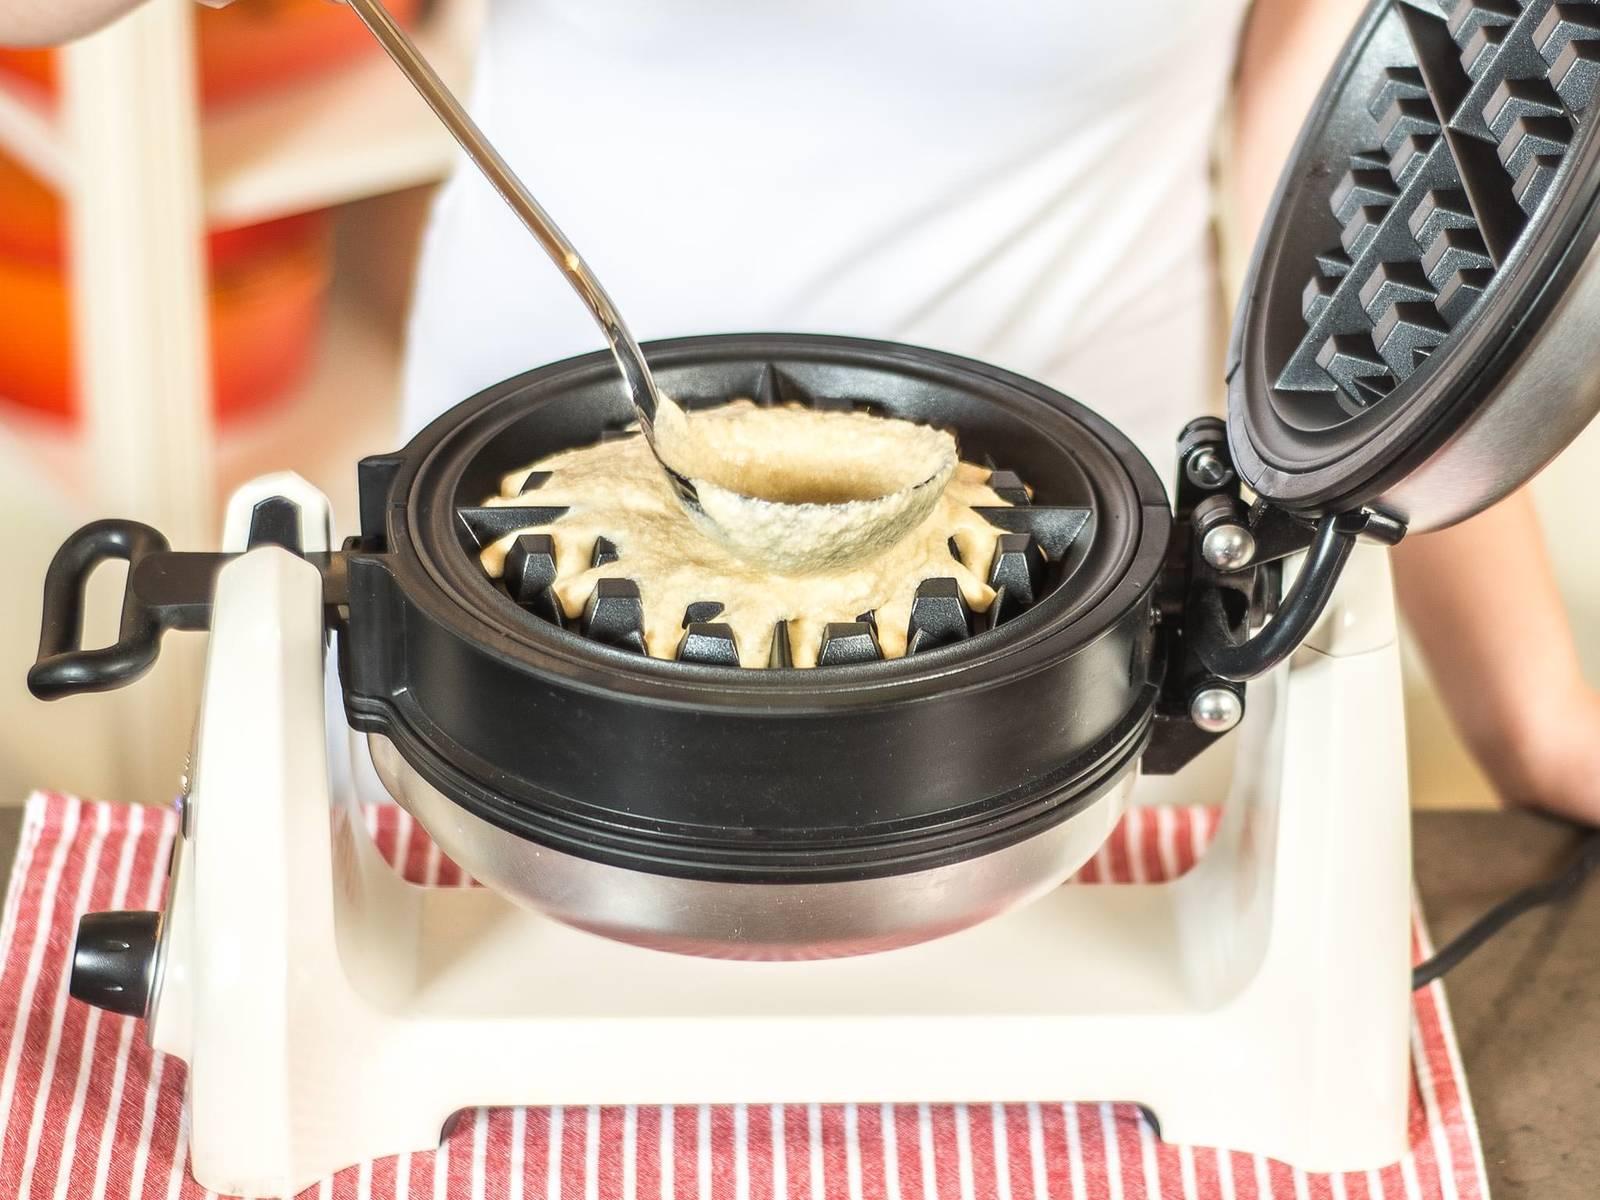 这期间,将华夫饼烤模加热,如有需要可先涂些黄油。将华夫饼烤至金黄色。撒上糖粉,佐以苹果酸辣酱,趁热享用。